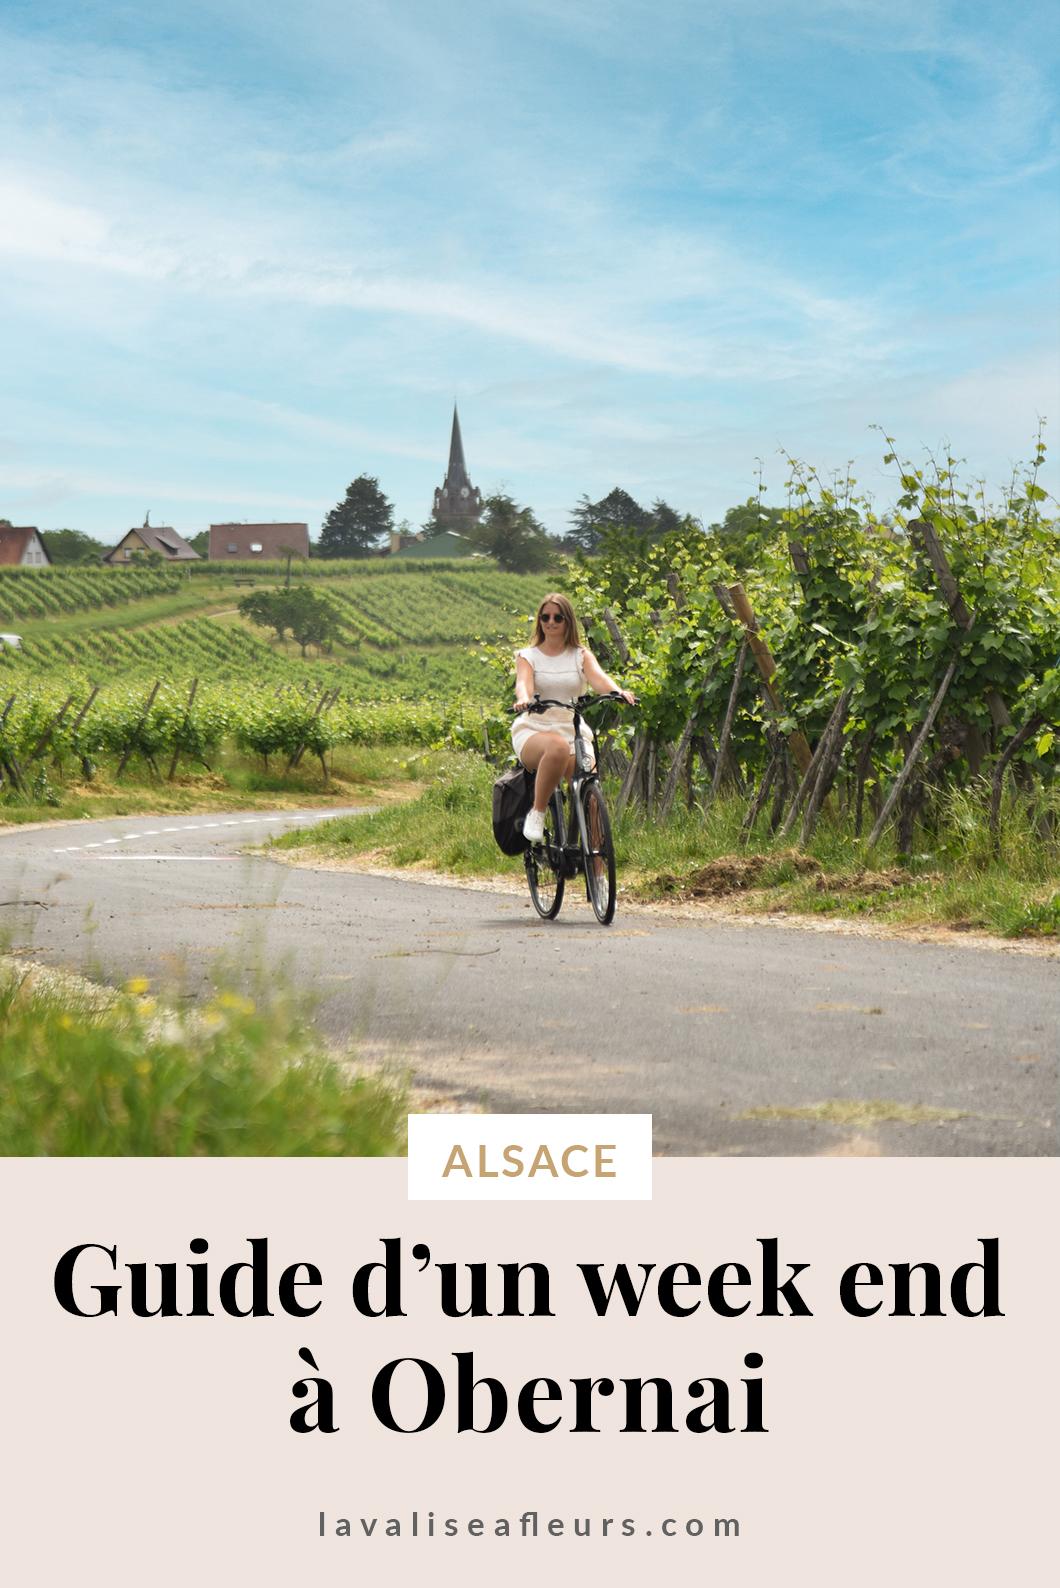 Guide d'un week end à Obernai en Alsace